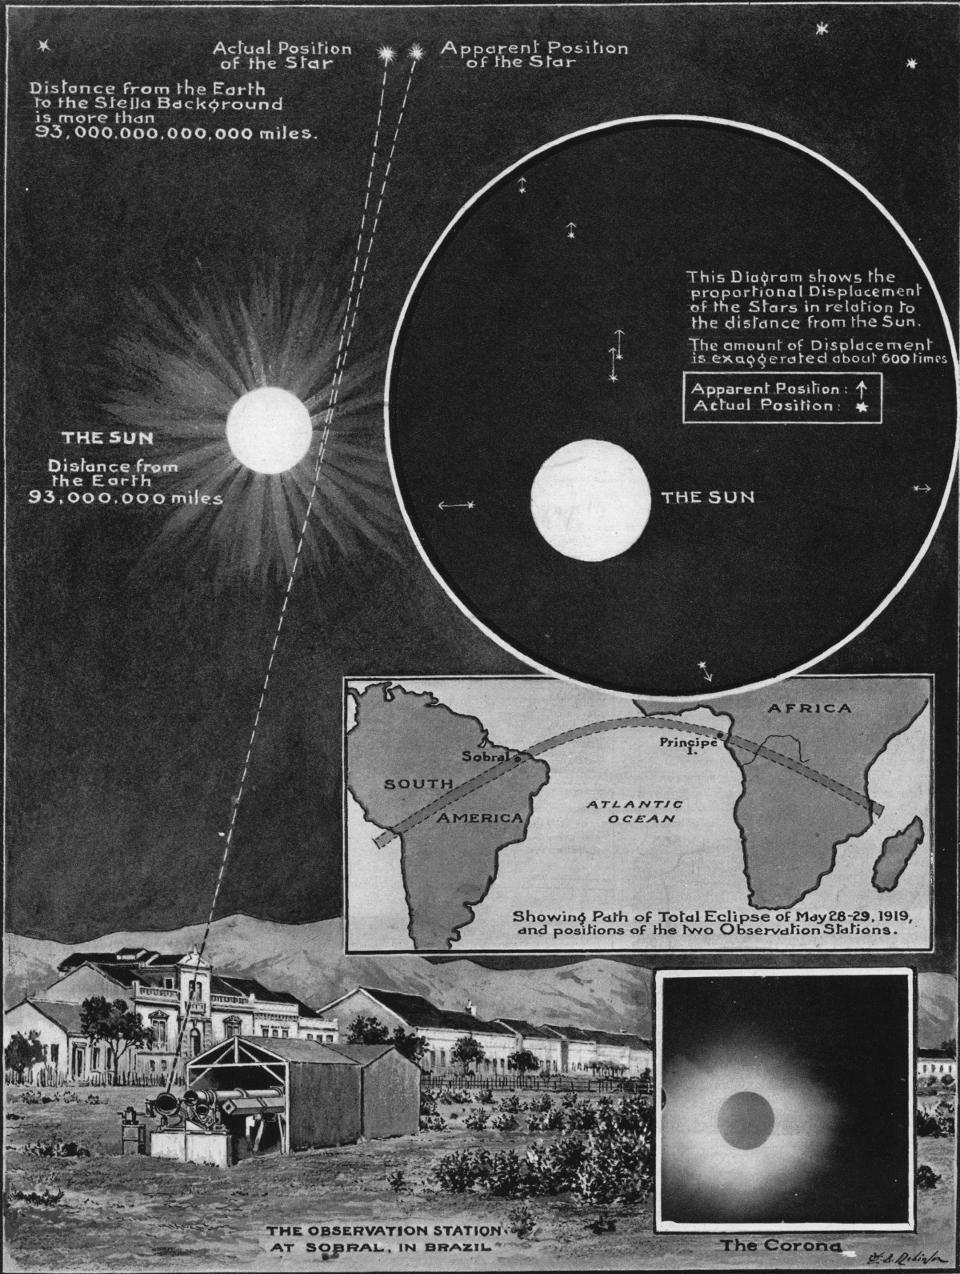 Os resultados da expedição de Eddington, em 1919, mostraram, conclusivamente, que a Teoria Geral da Relatividade descrevia com êxito o desvio da luz das estrelas em torno de objetos maciços, derrubando a concepção newtoniana. (Fonte: The Illustrated London News, 1919)